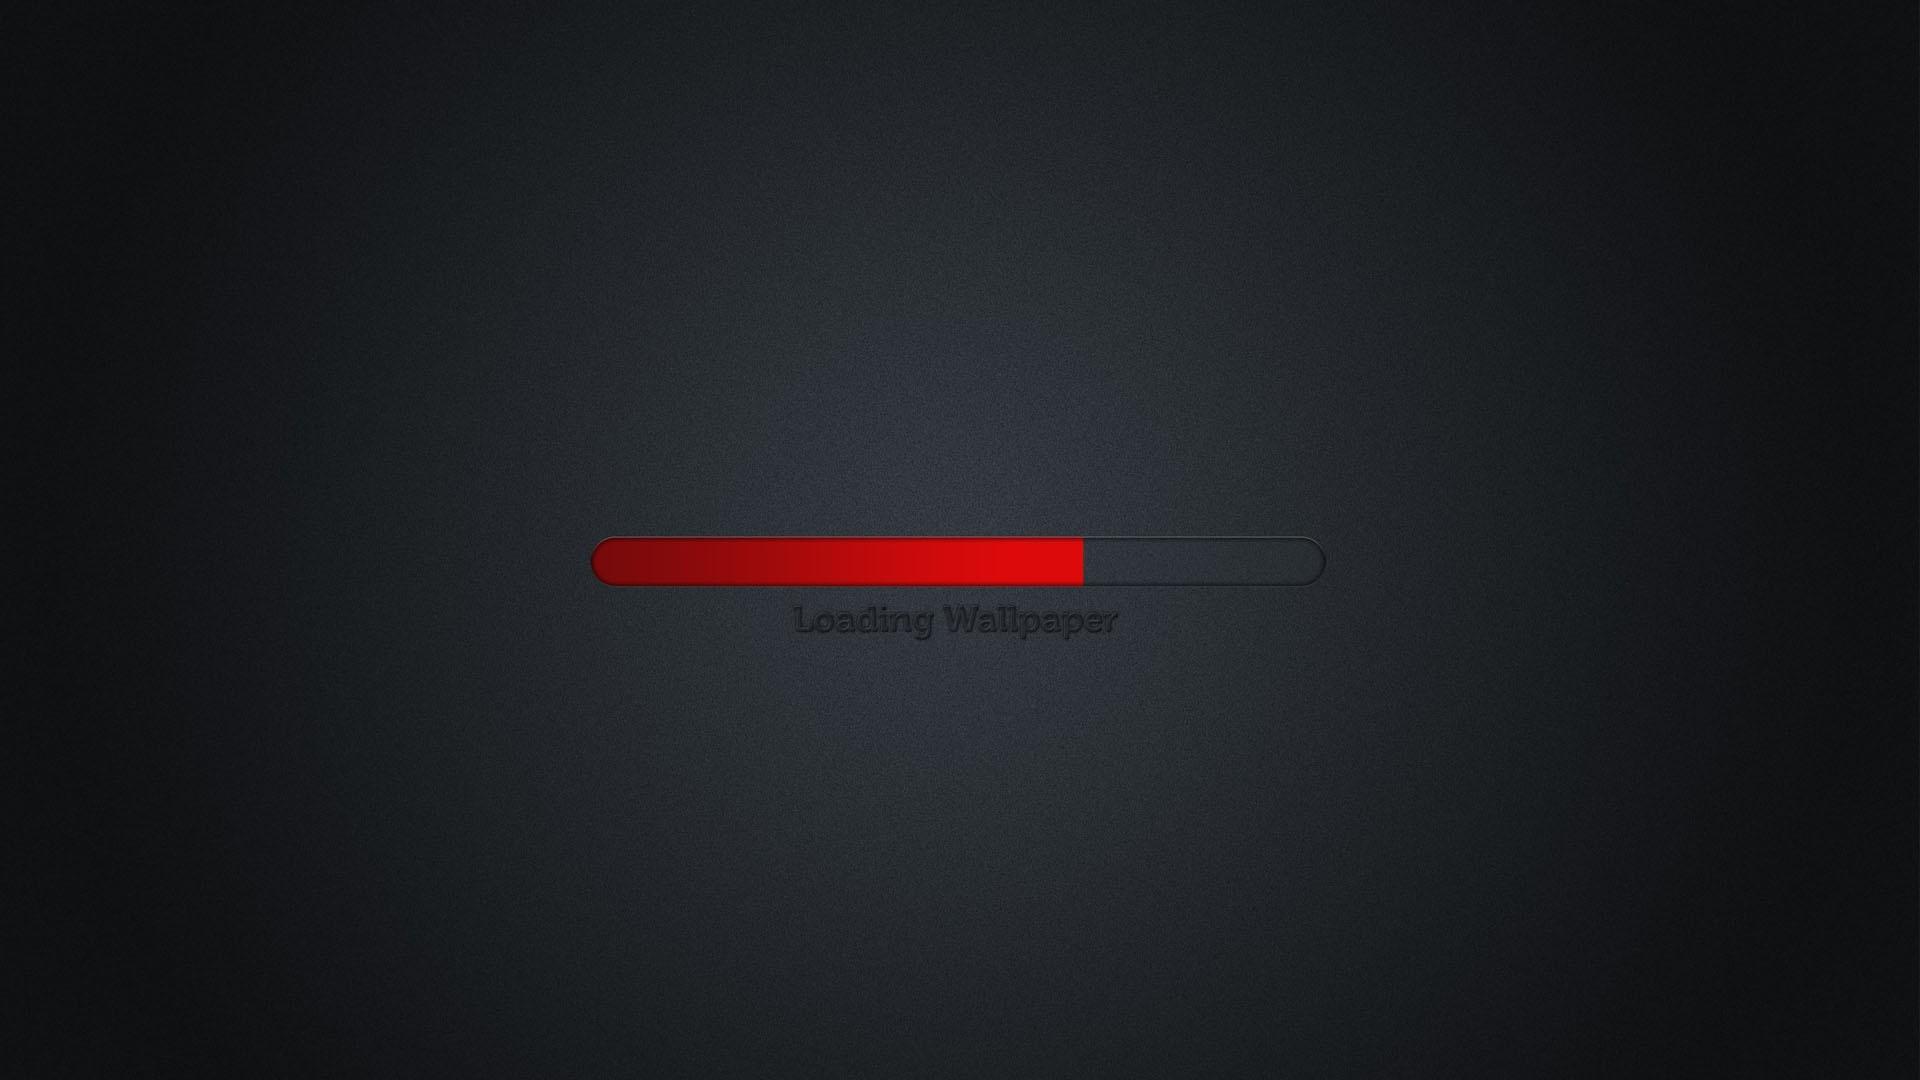 Free HQ Pc Desktop Environment 1920x1080 Wallpaper - Free HQ ...